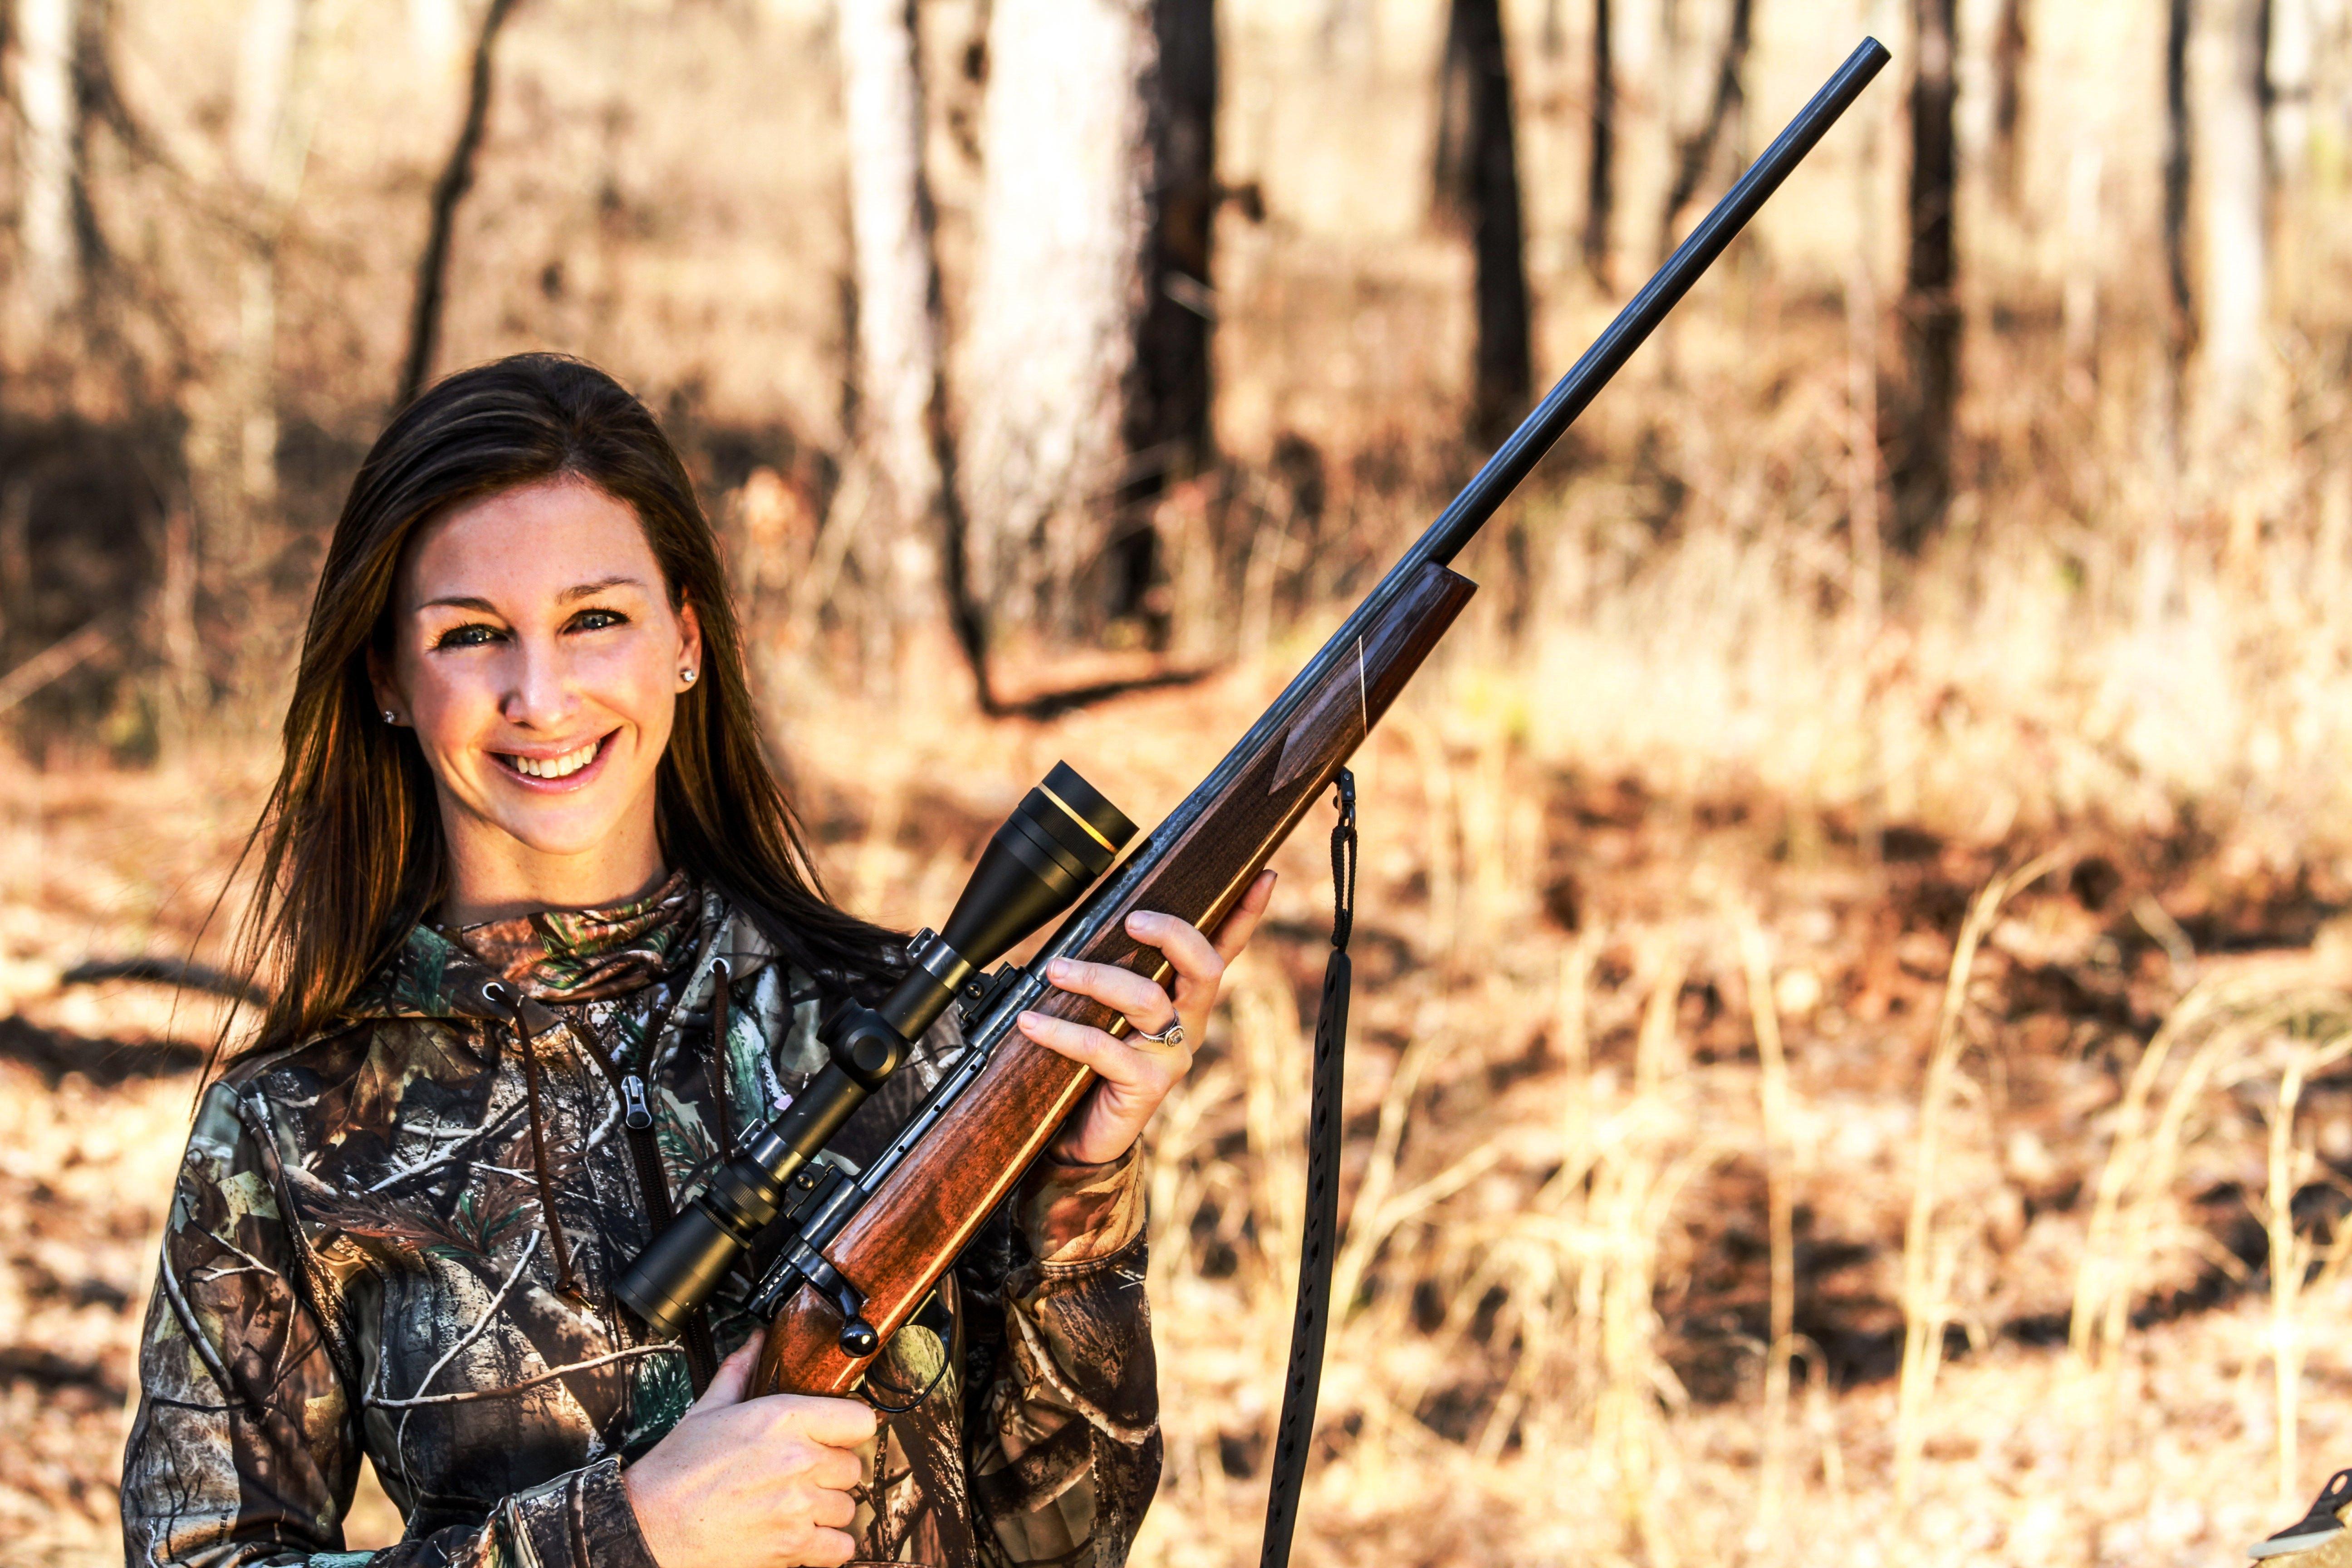 Головні вороги рушниці крім стрільби